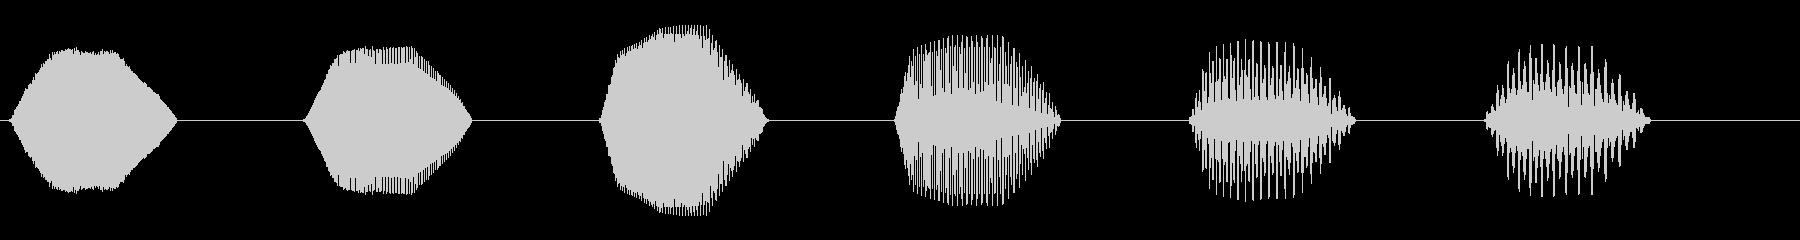 上から下へ行くような音の未再生の波形